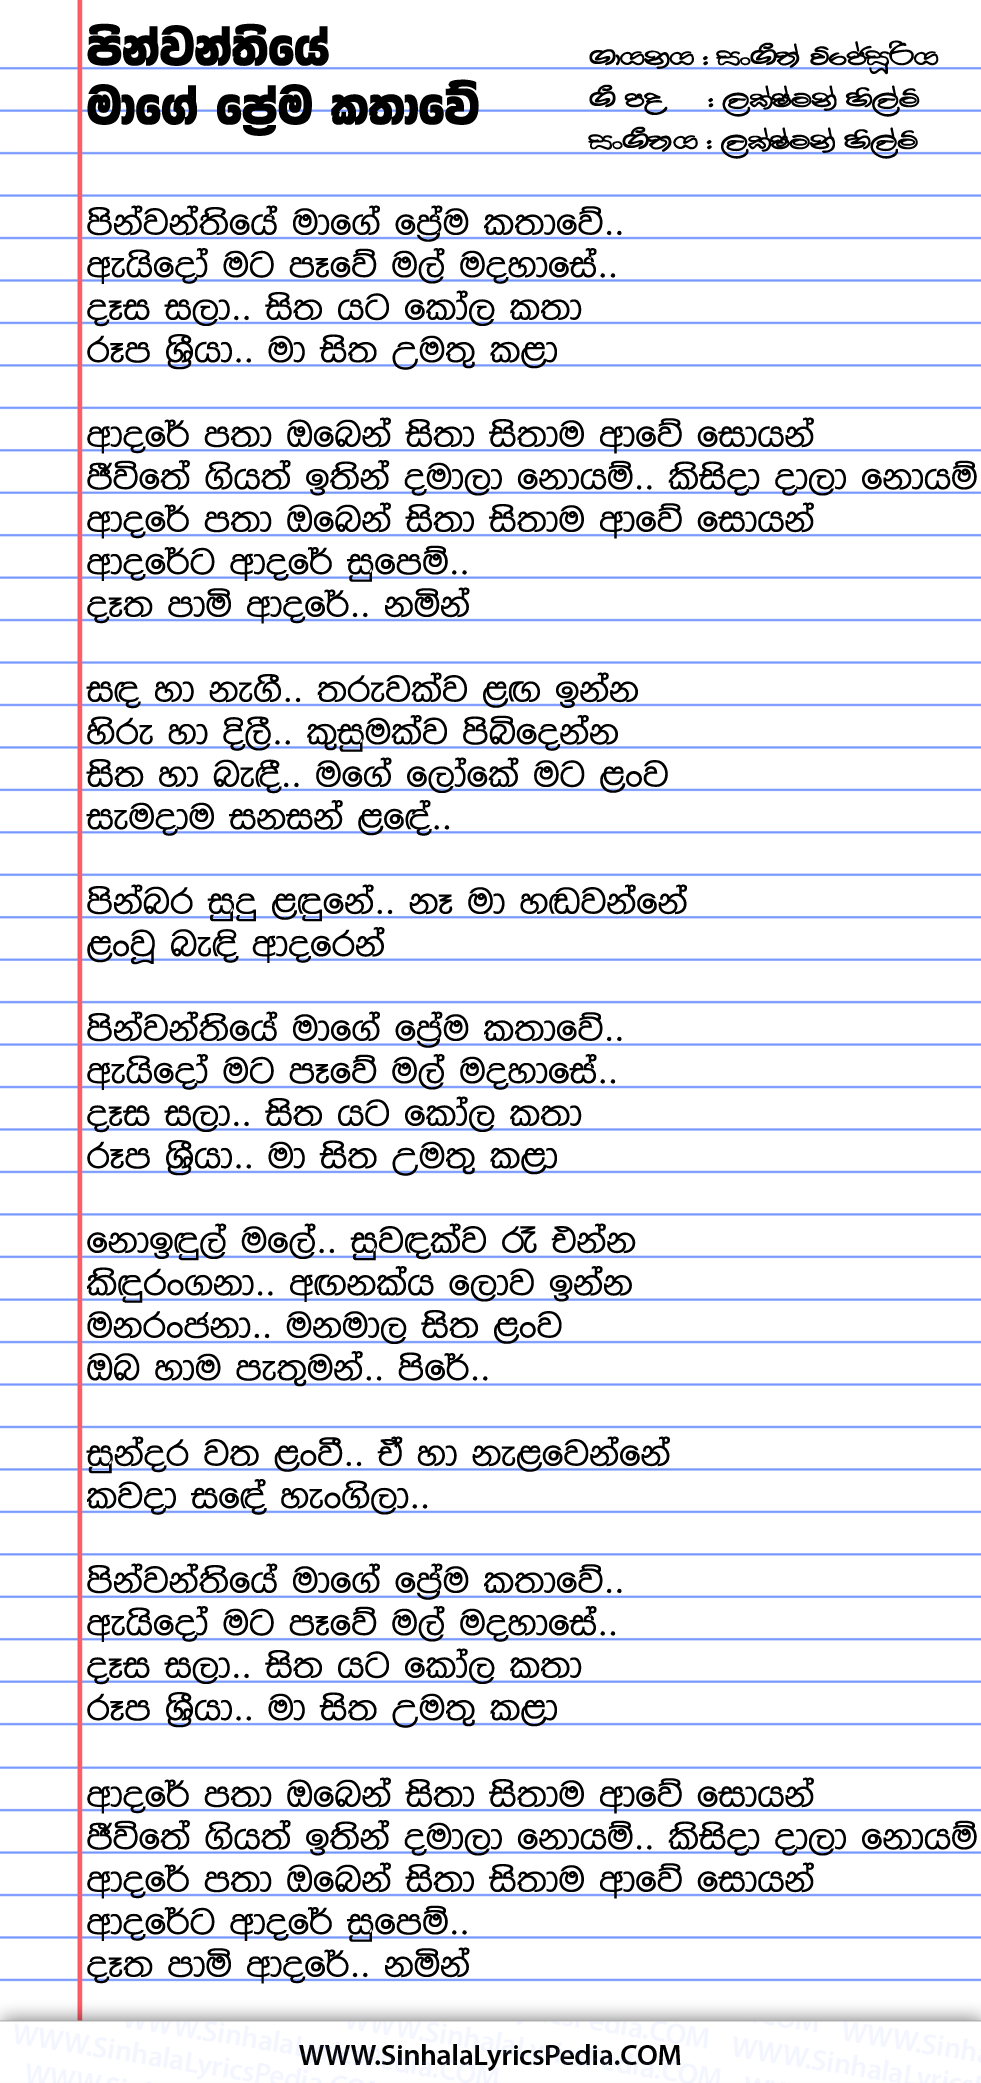 Pinwanthiye Mage Prema Kathawe Song Lyrics